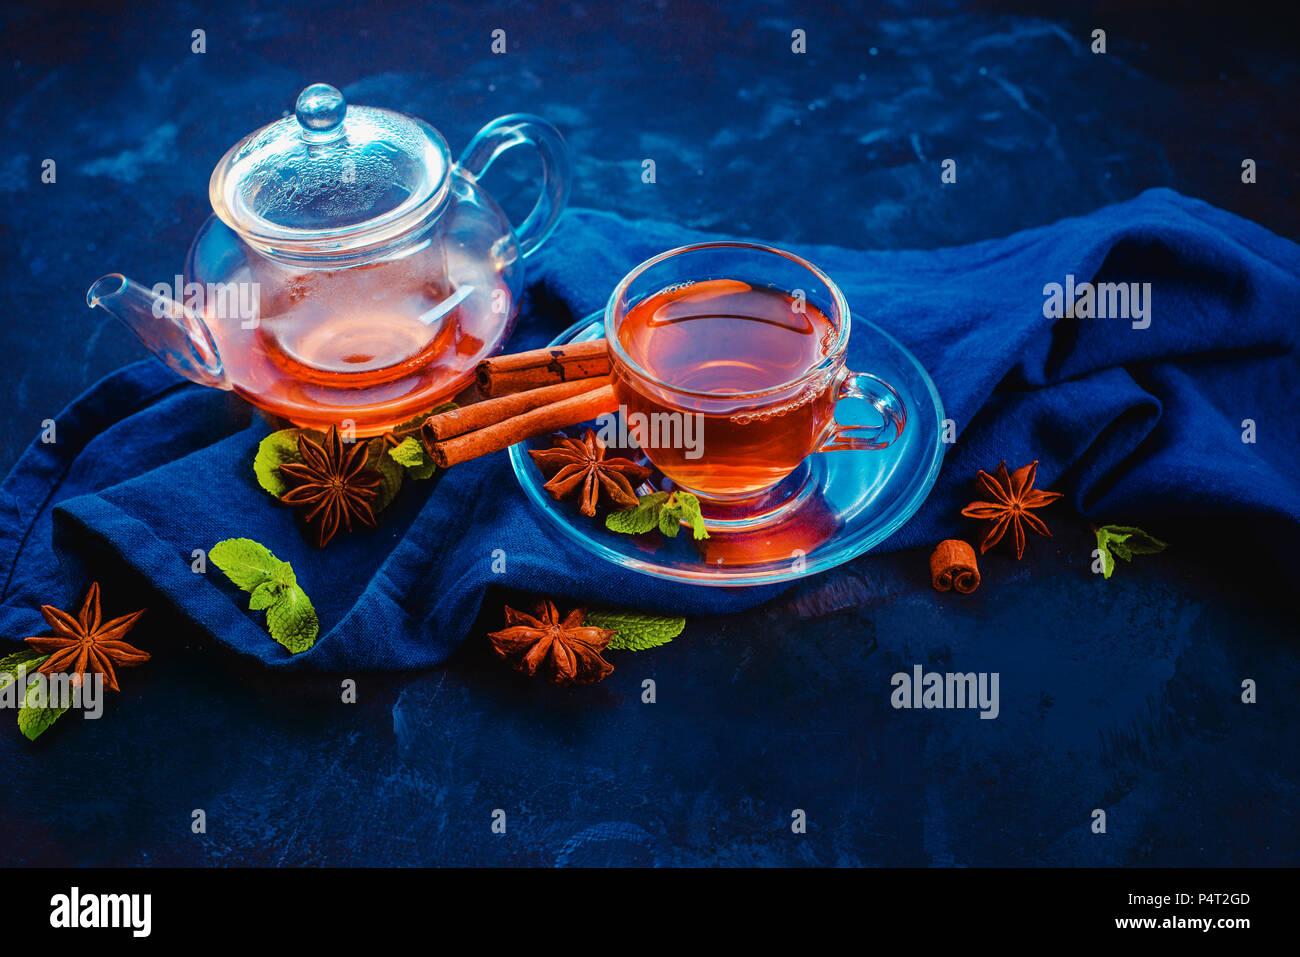 Schwarzer Tee in einem Glas Schale und eine kleine Teekanne mit Zitronenscheiben und Minze auf einem dunklen Hintergrund. Lebendige Farben heißen Getränk Header mit kopieren. Stockbild